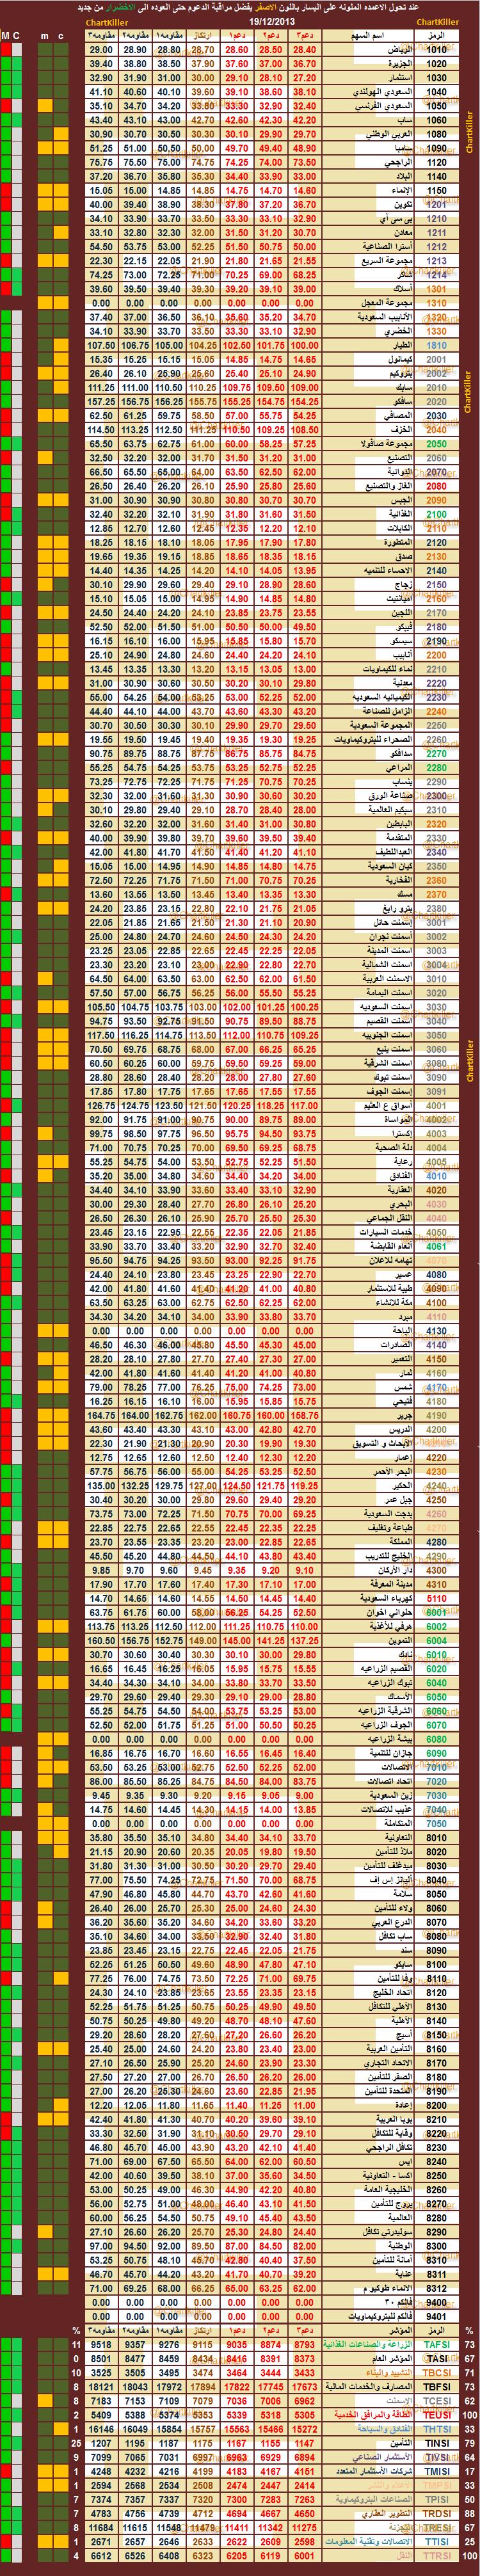 الدعم المقاومه ليوم  الخميس    19-12-2013  ::   السوق  السعودي 979791959